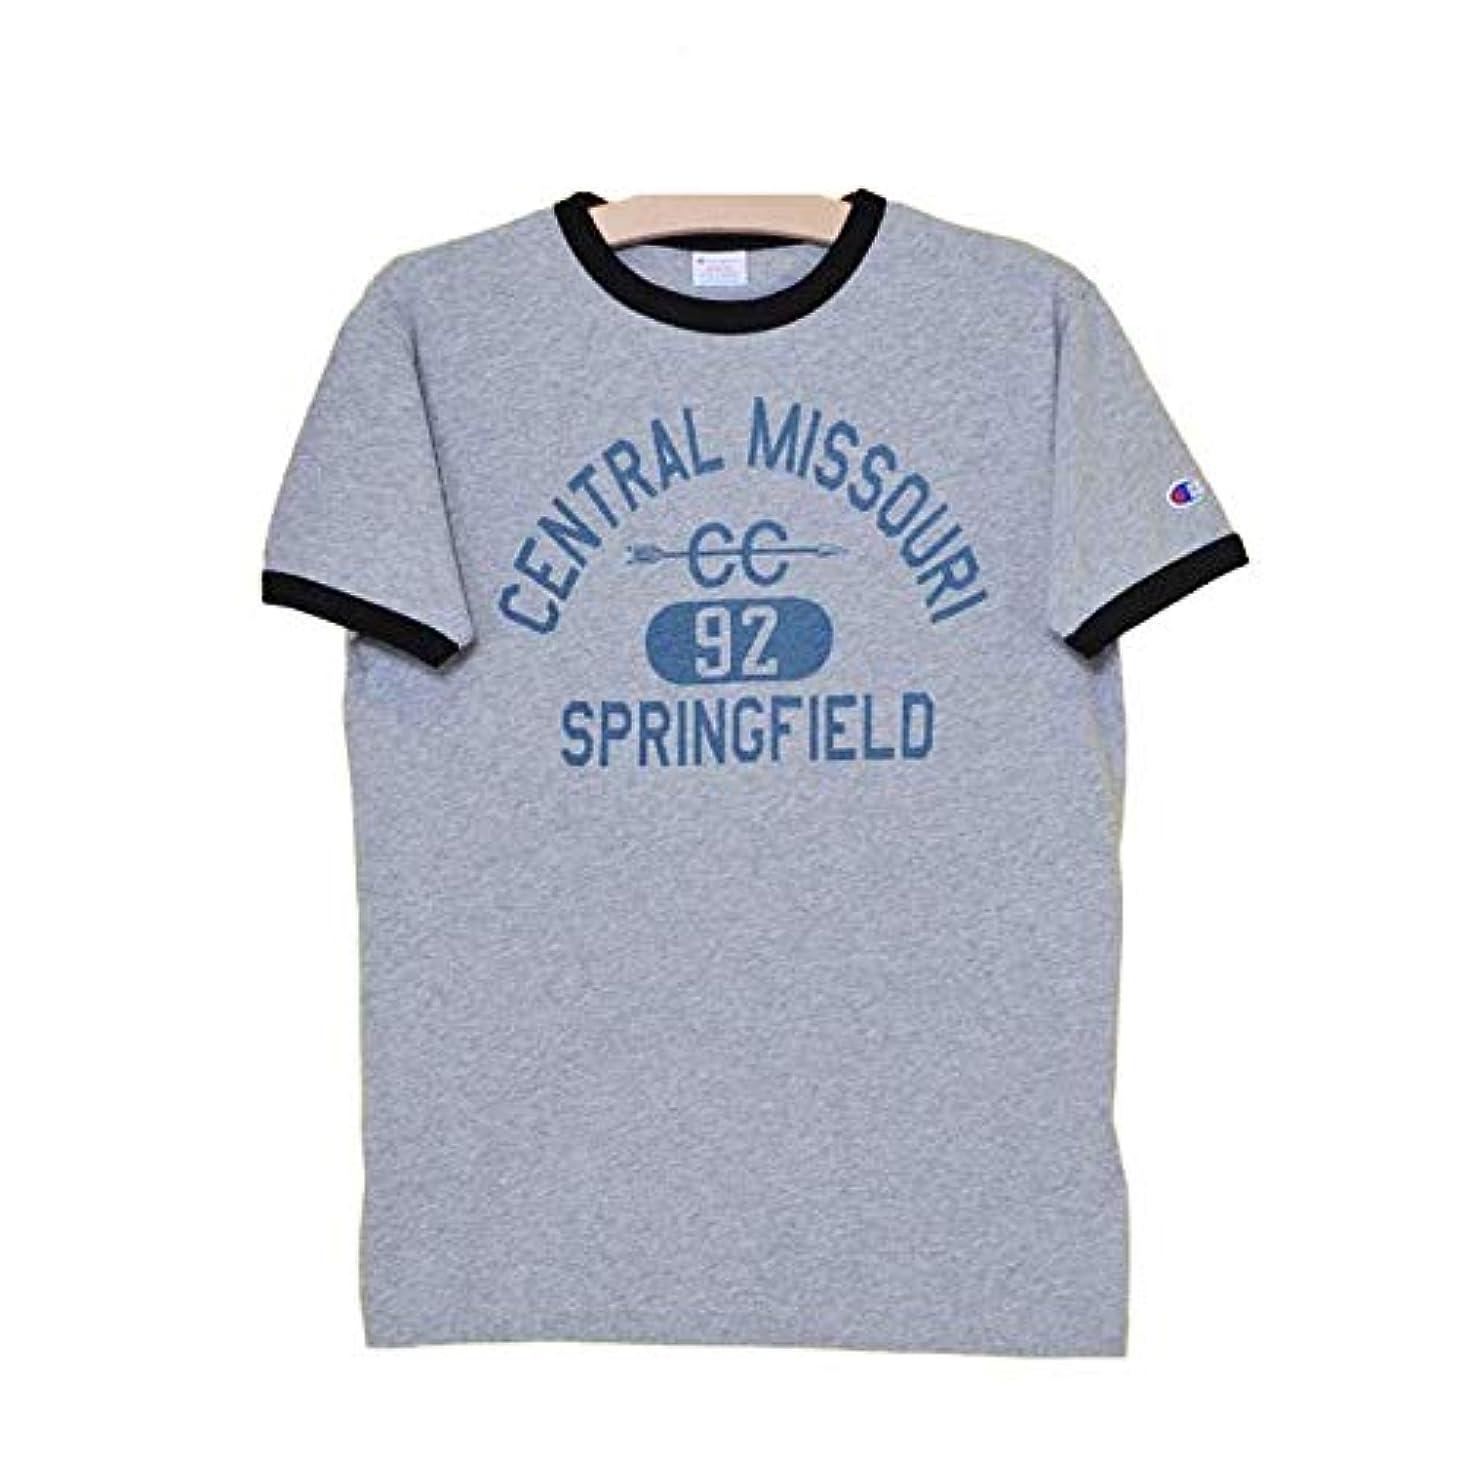 保守的改善する解説[チャンピオン] C3-M333 キャンパス 半袖プリントリンガーTシャツ メンズ アメカジ CAMPUS